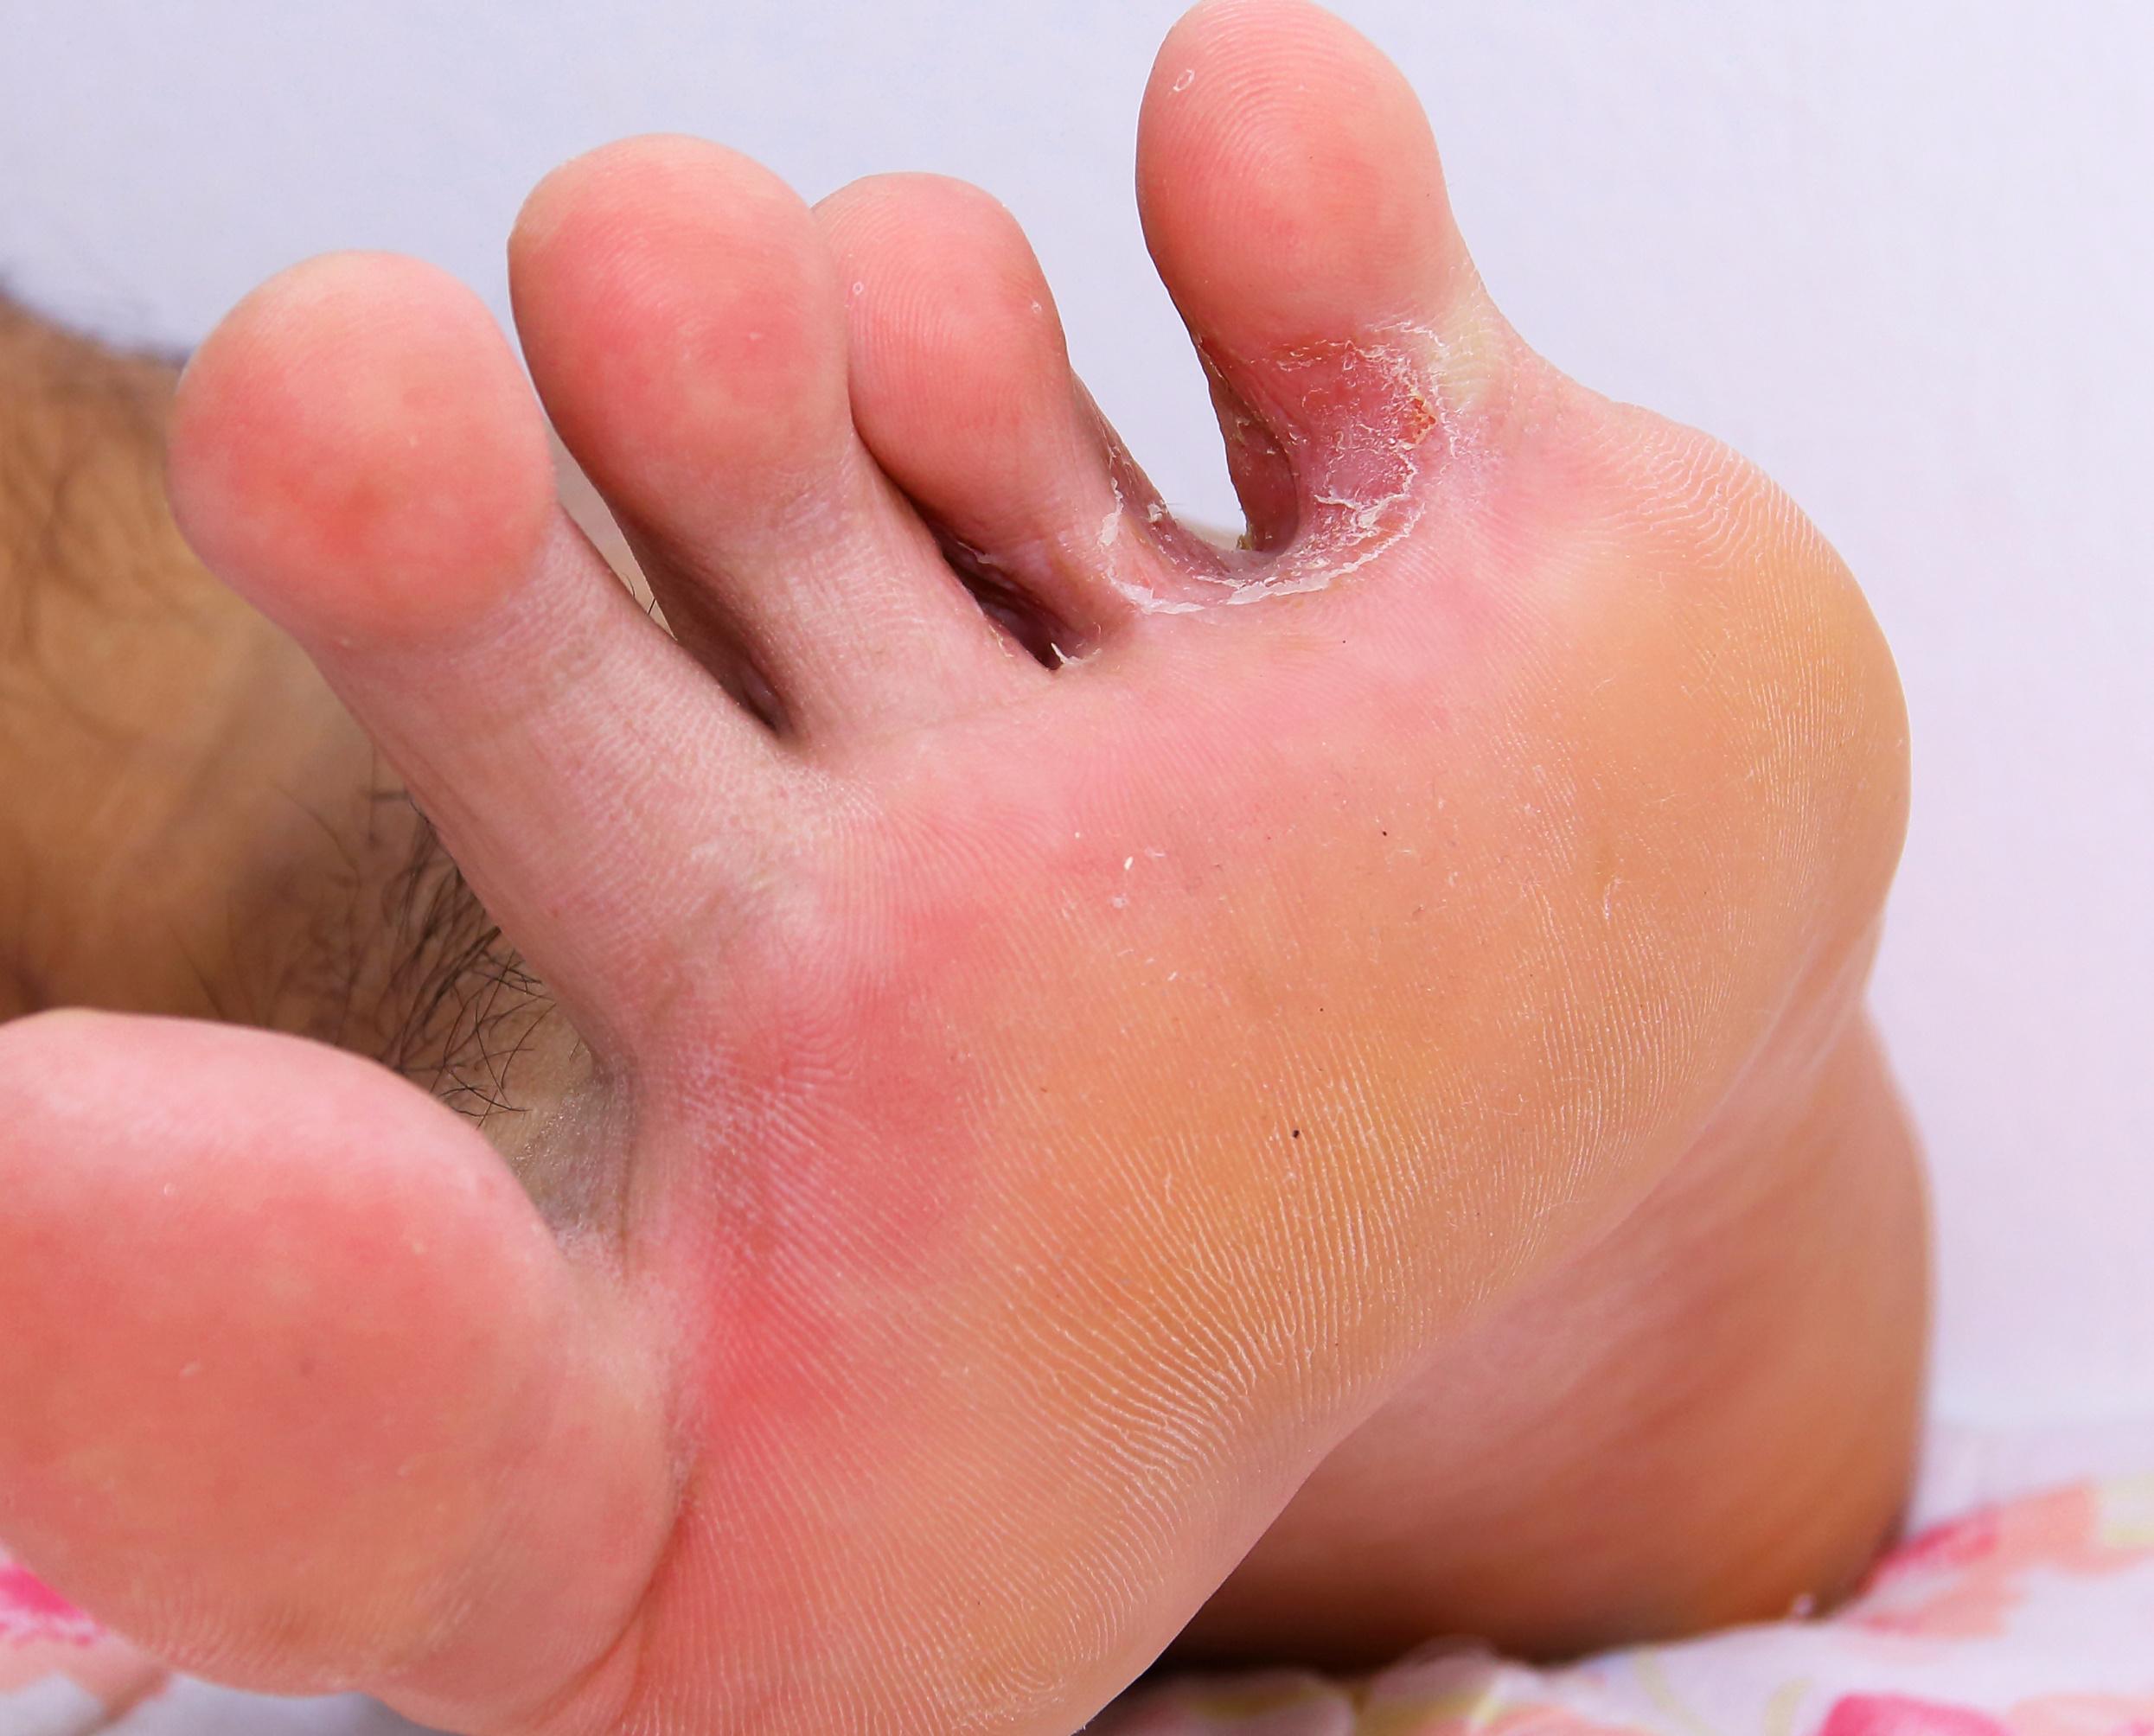 vörös durva folt a lábán